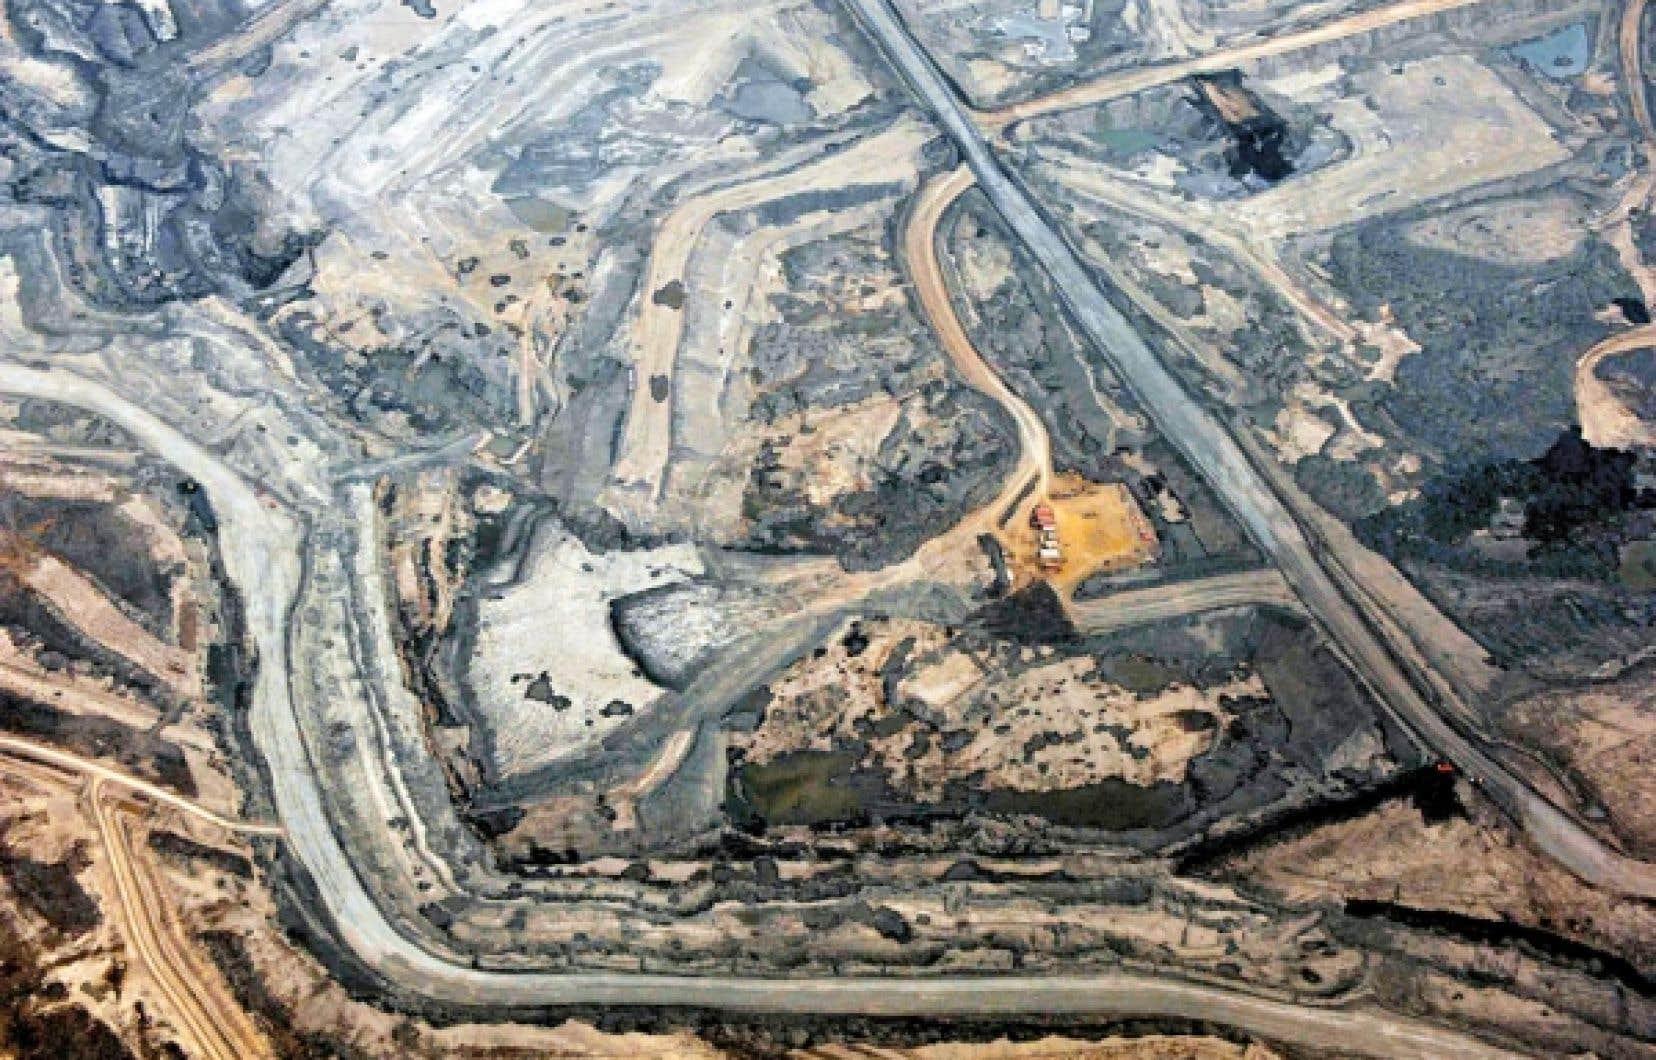 <div> L'exploitation des sables bitumineux est clairement un des secteurs les plus polluants, et sa contribution aux émissions de gaz à effet de serre est considérable.</div>